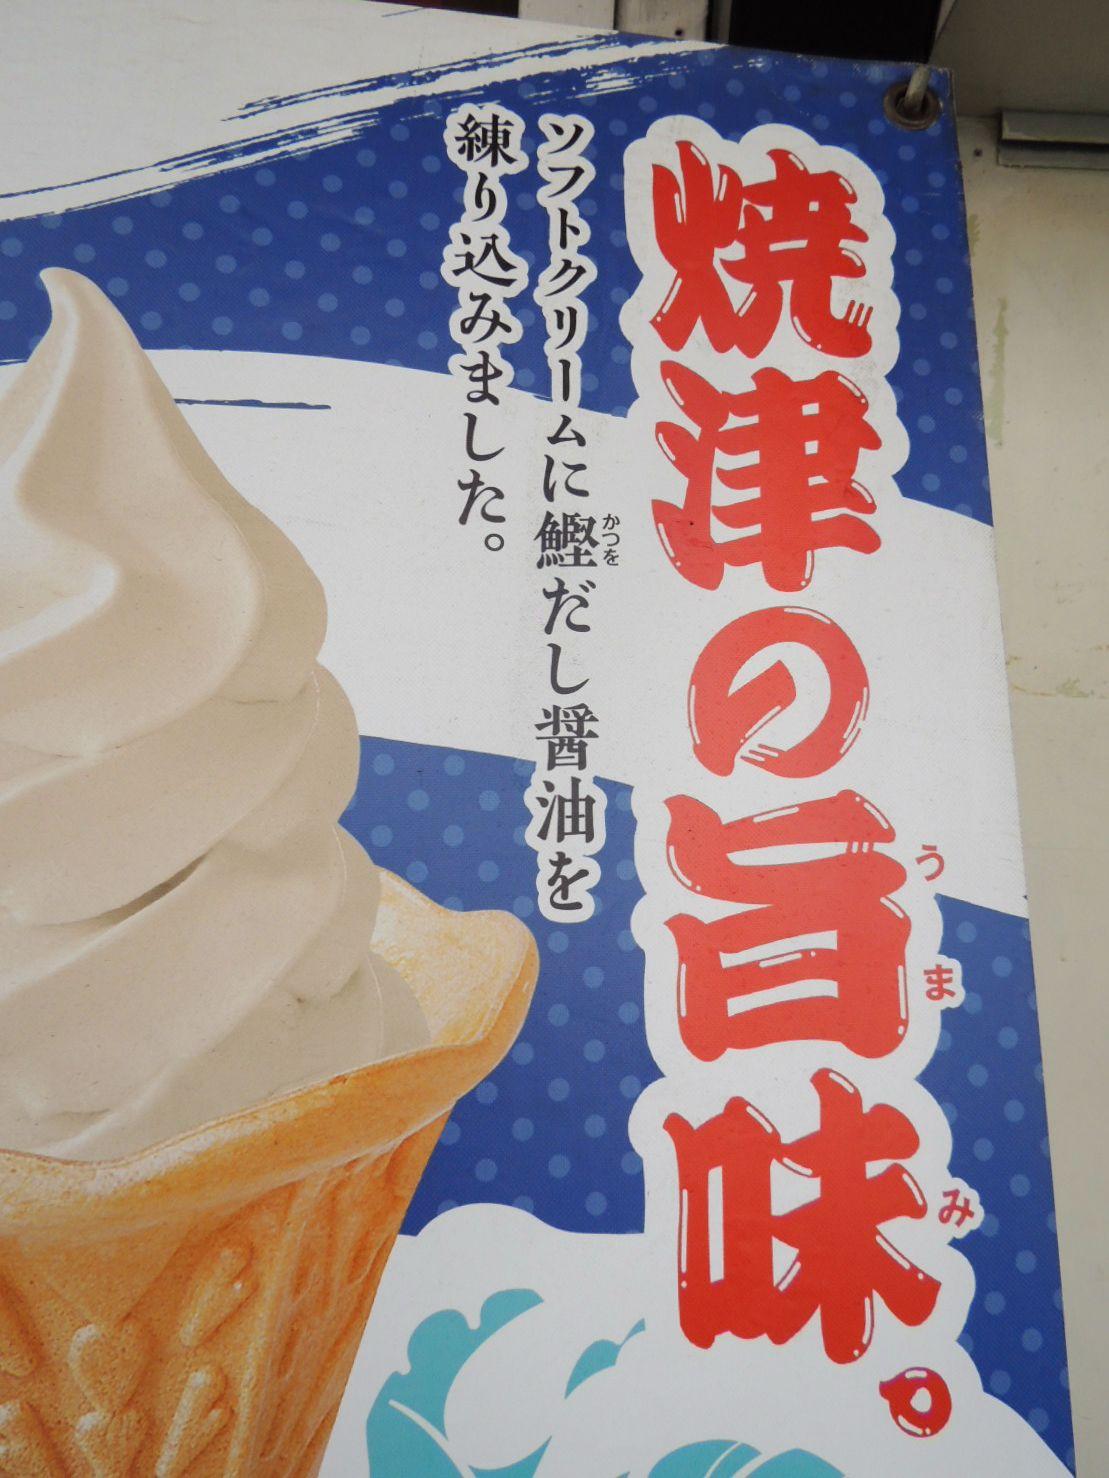 Hanya di Yaizu? Spanduk yang mengiklankan es krim lembut rasa bonito.